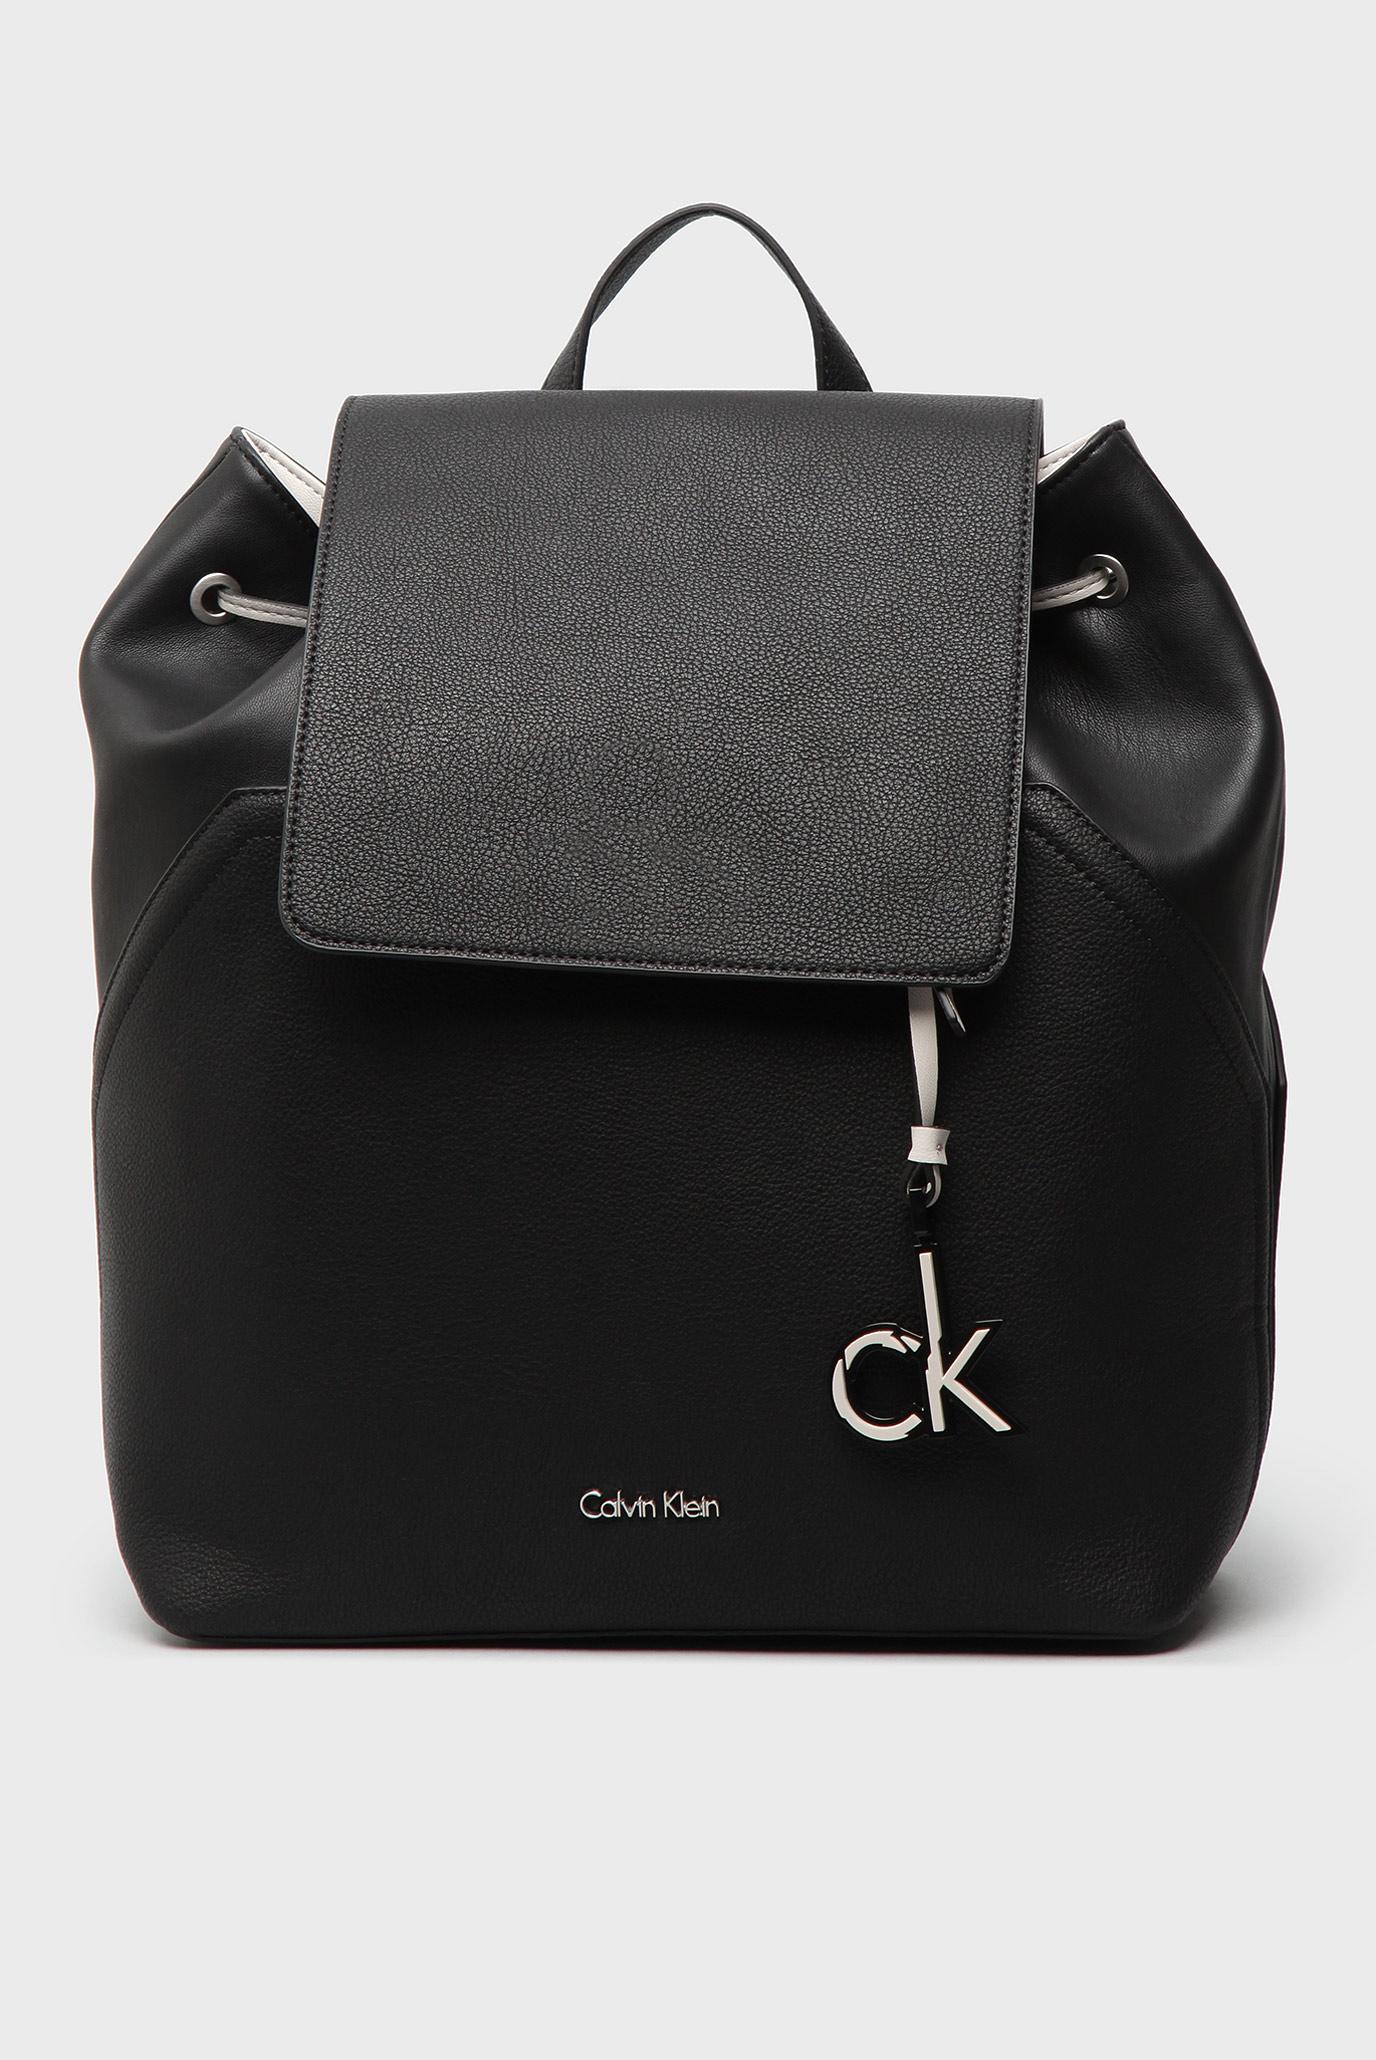 e048b059cd05 Купить Женский черный рюкзак Calvin Klein Calvin Klein K60K602392 – Киев,  Украина. Цены в интернет магазине MD Fashion